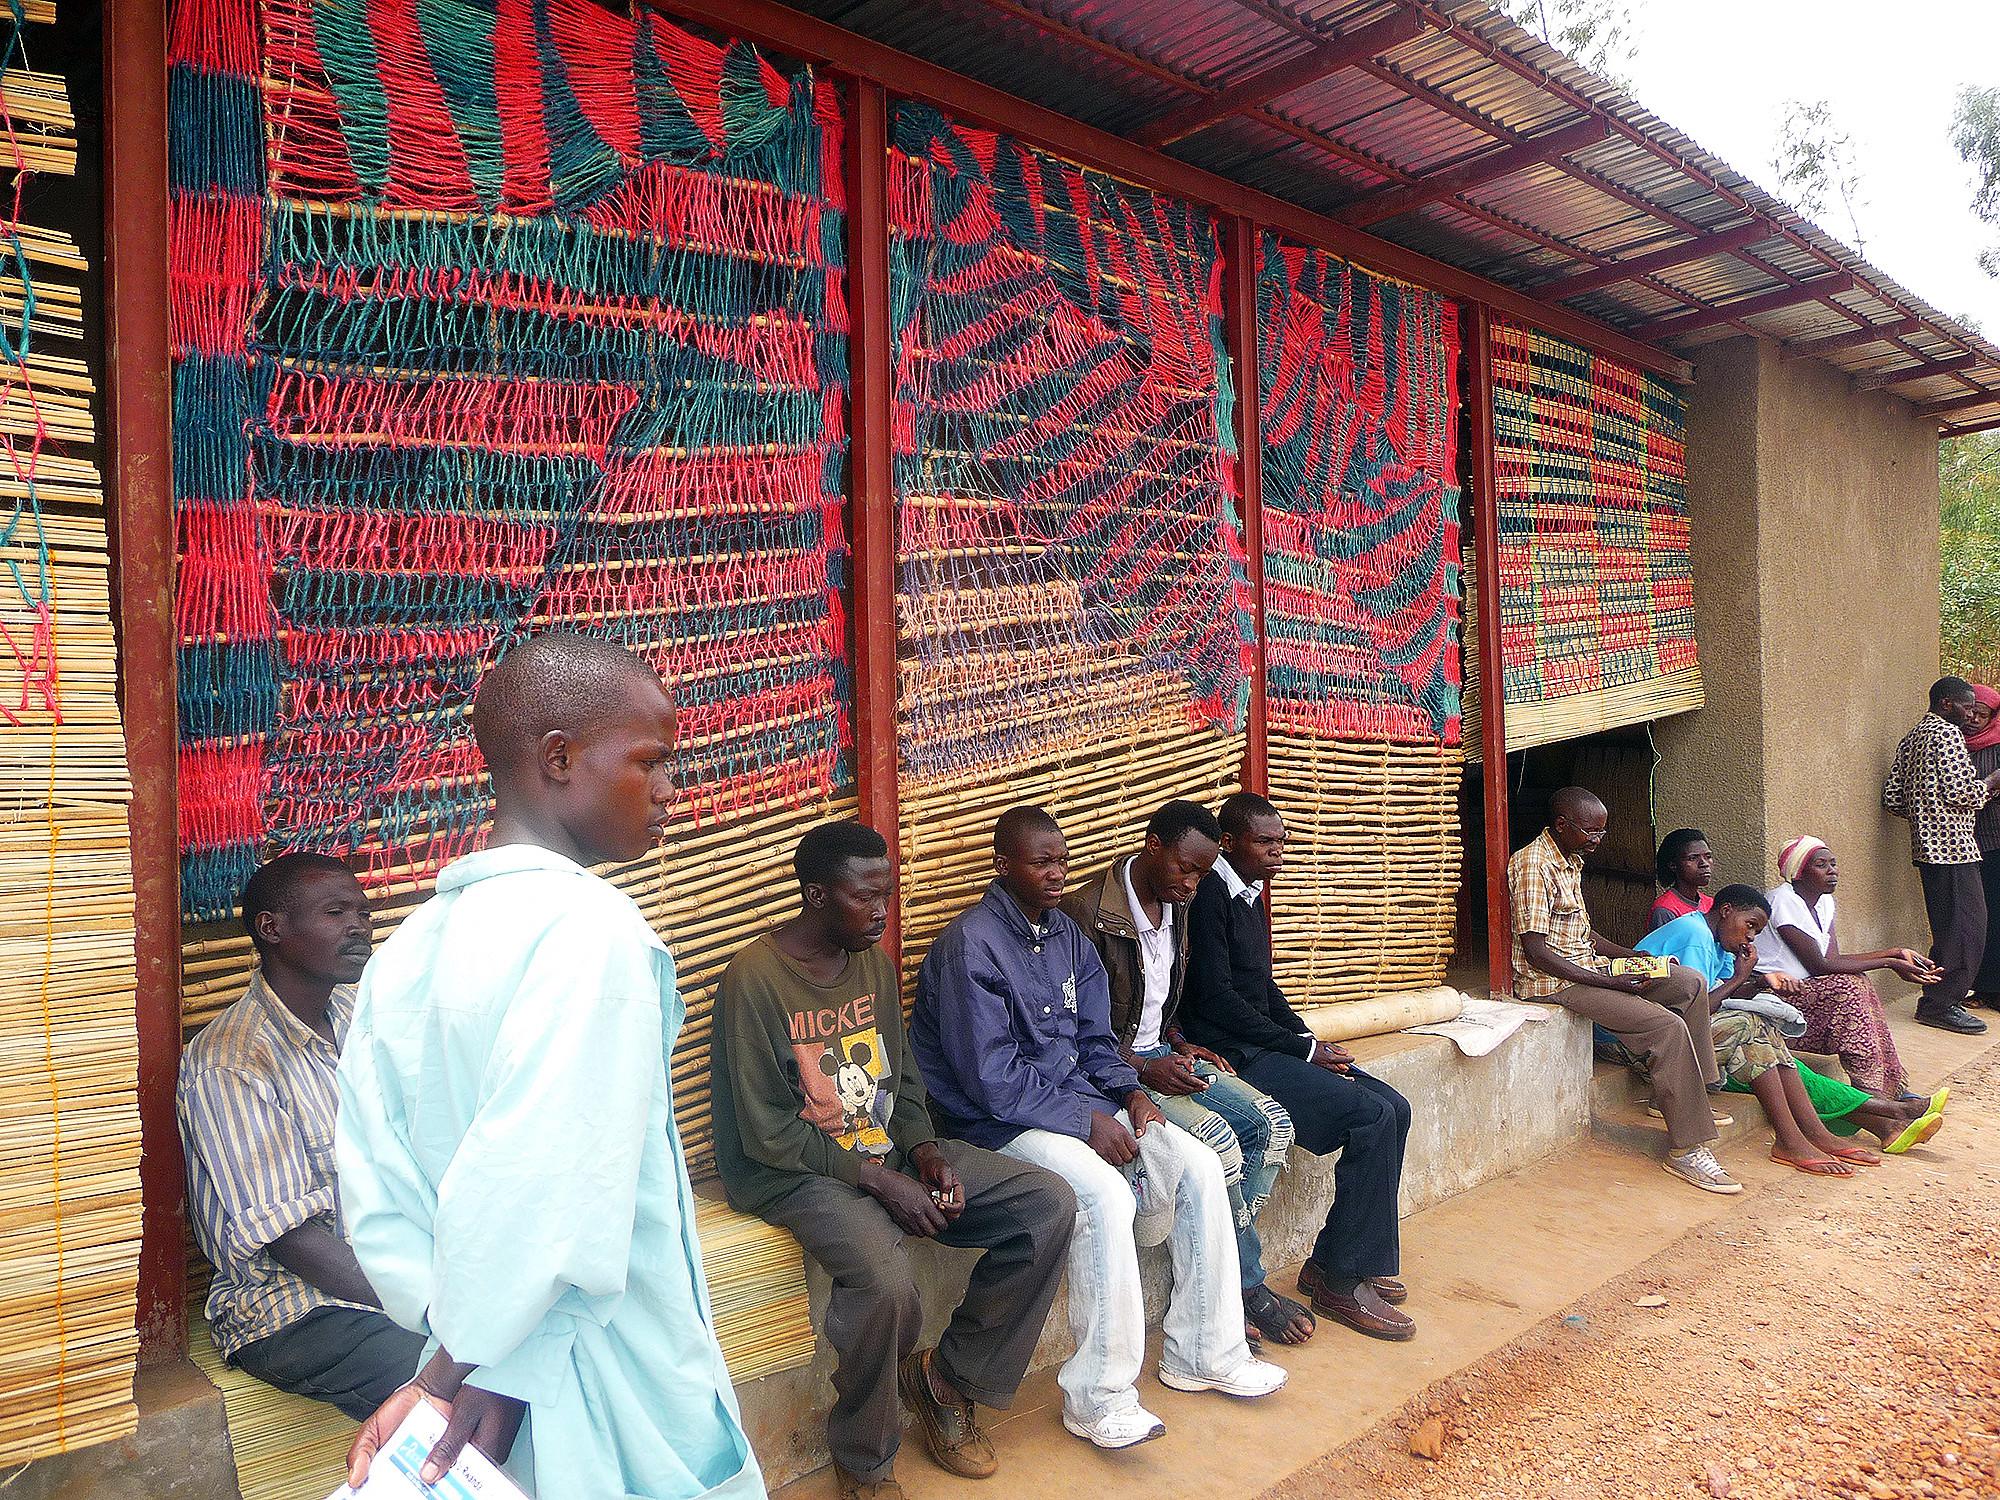 Exterior. Image © Patrice Ndabonye